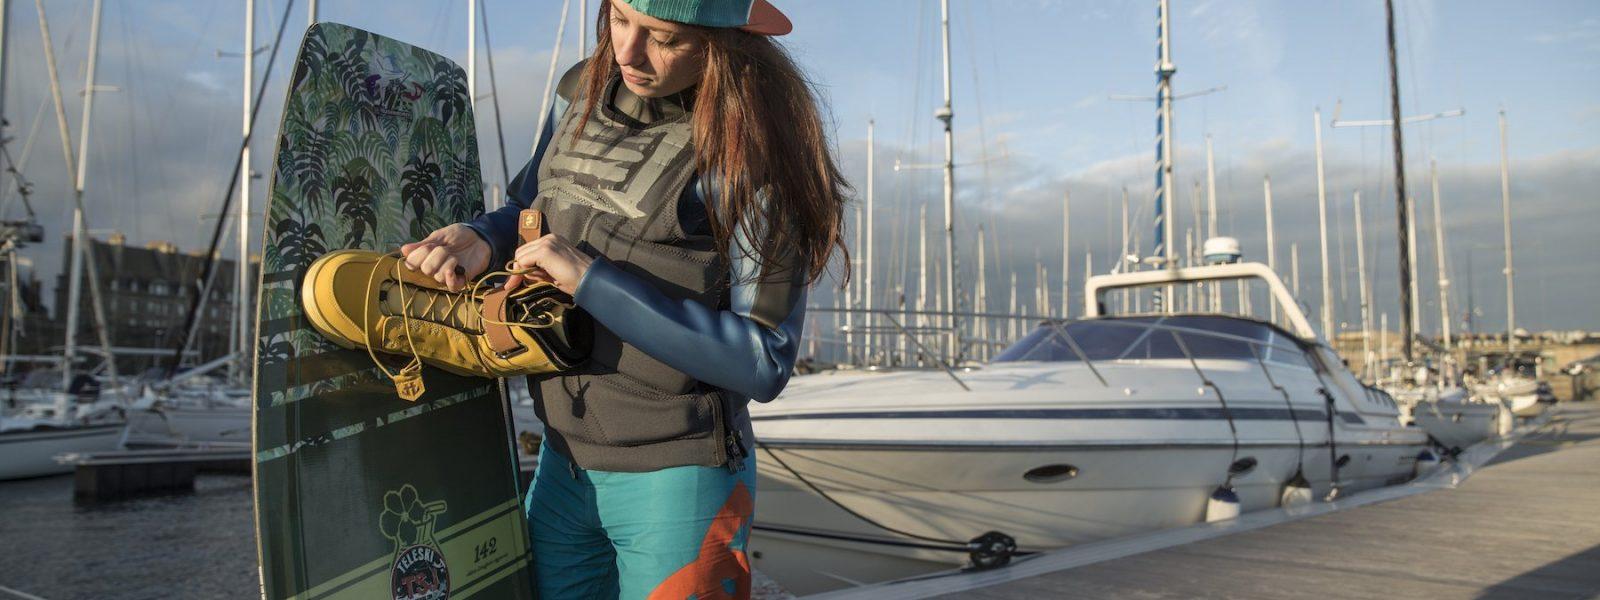 Ludivine Cardon est une étudiante à Rennes, elle profite de son temps libre pour surfer sur la côte le week-end